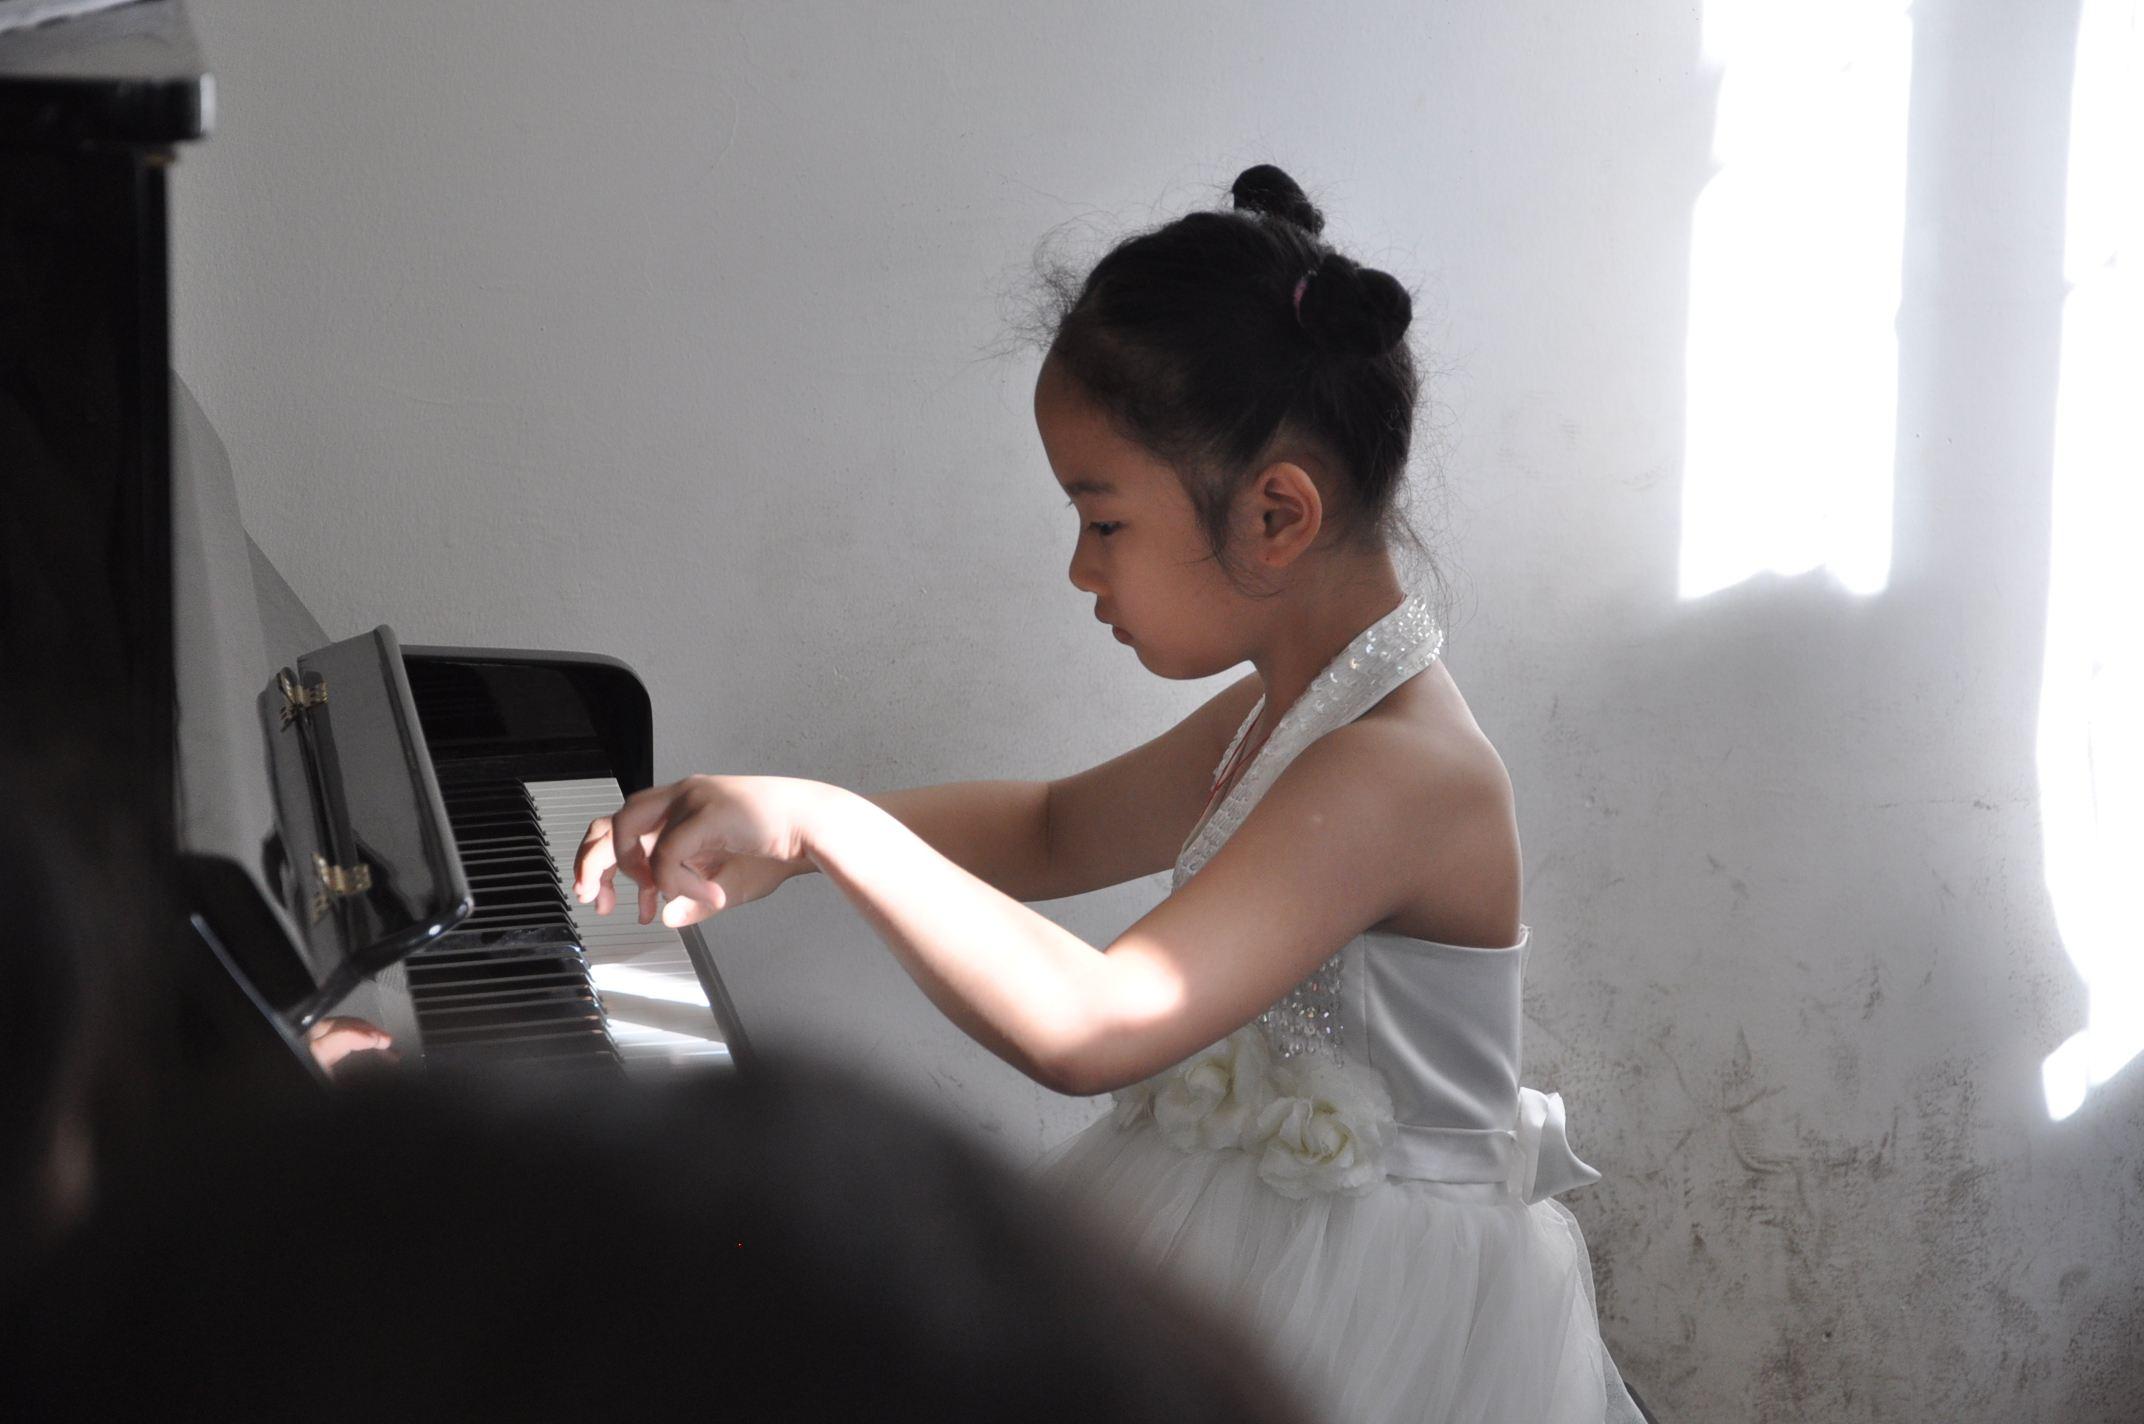 期末考试快到了,还练不练琴?